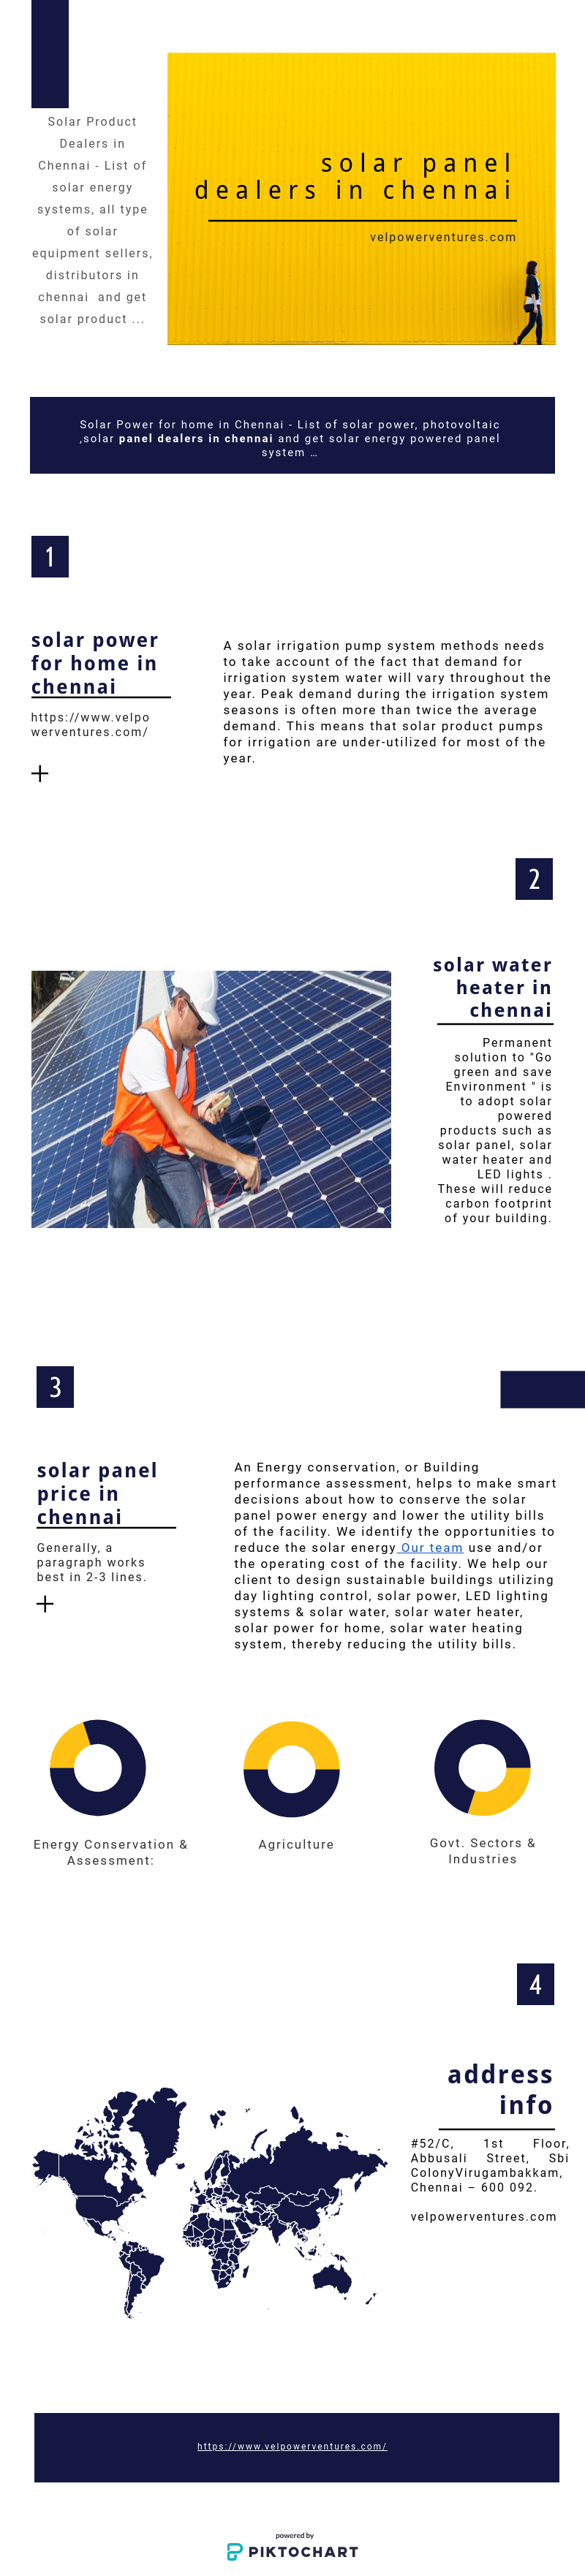 Pin By Velpower Ventures On Solar Panel Dealer Solar Power House Solar Panel Cost Solar Panels